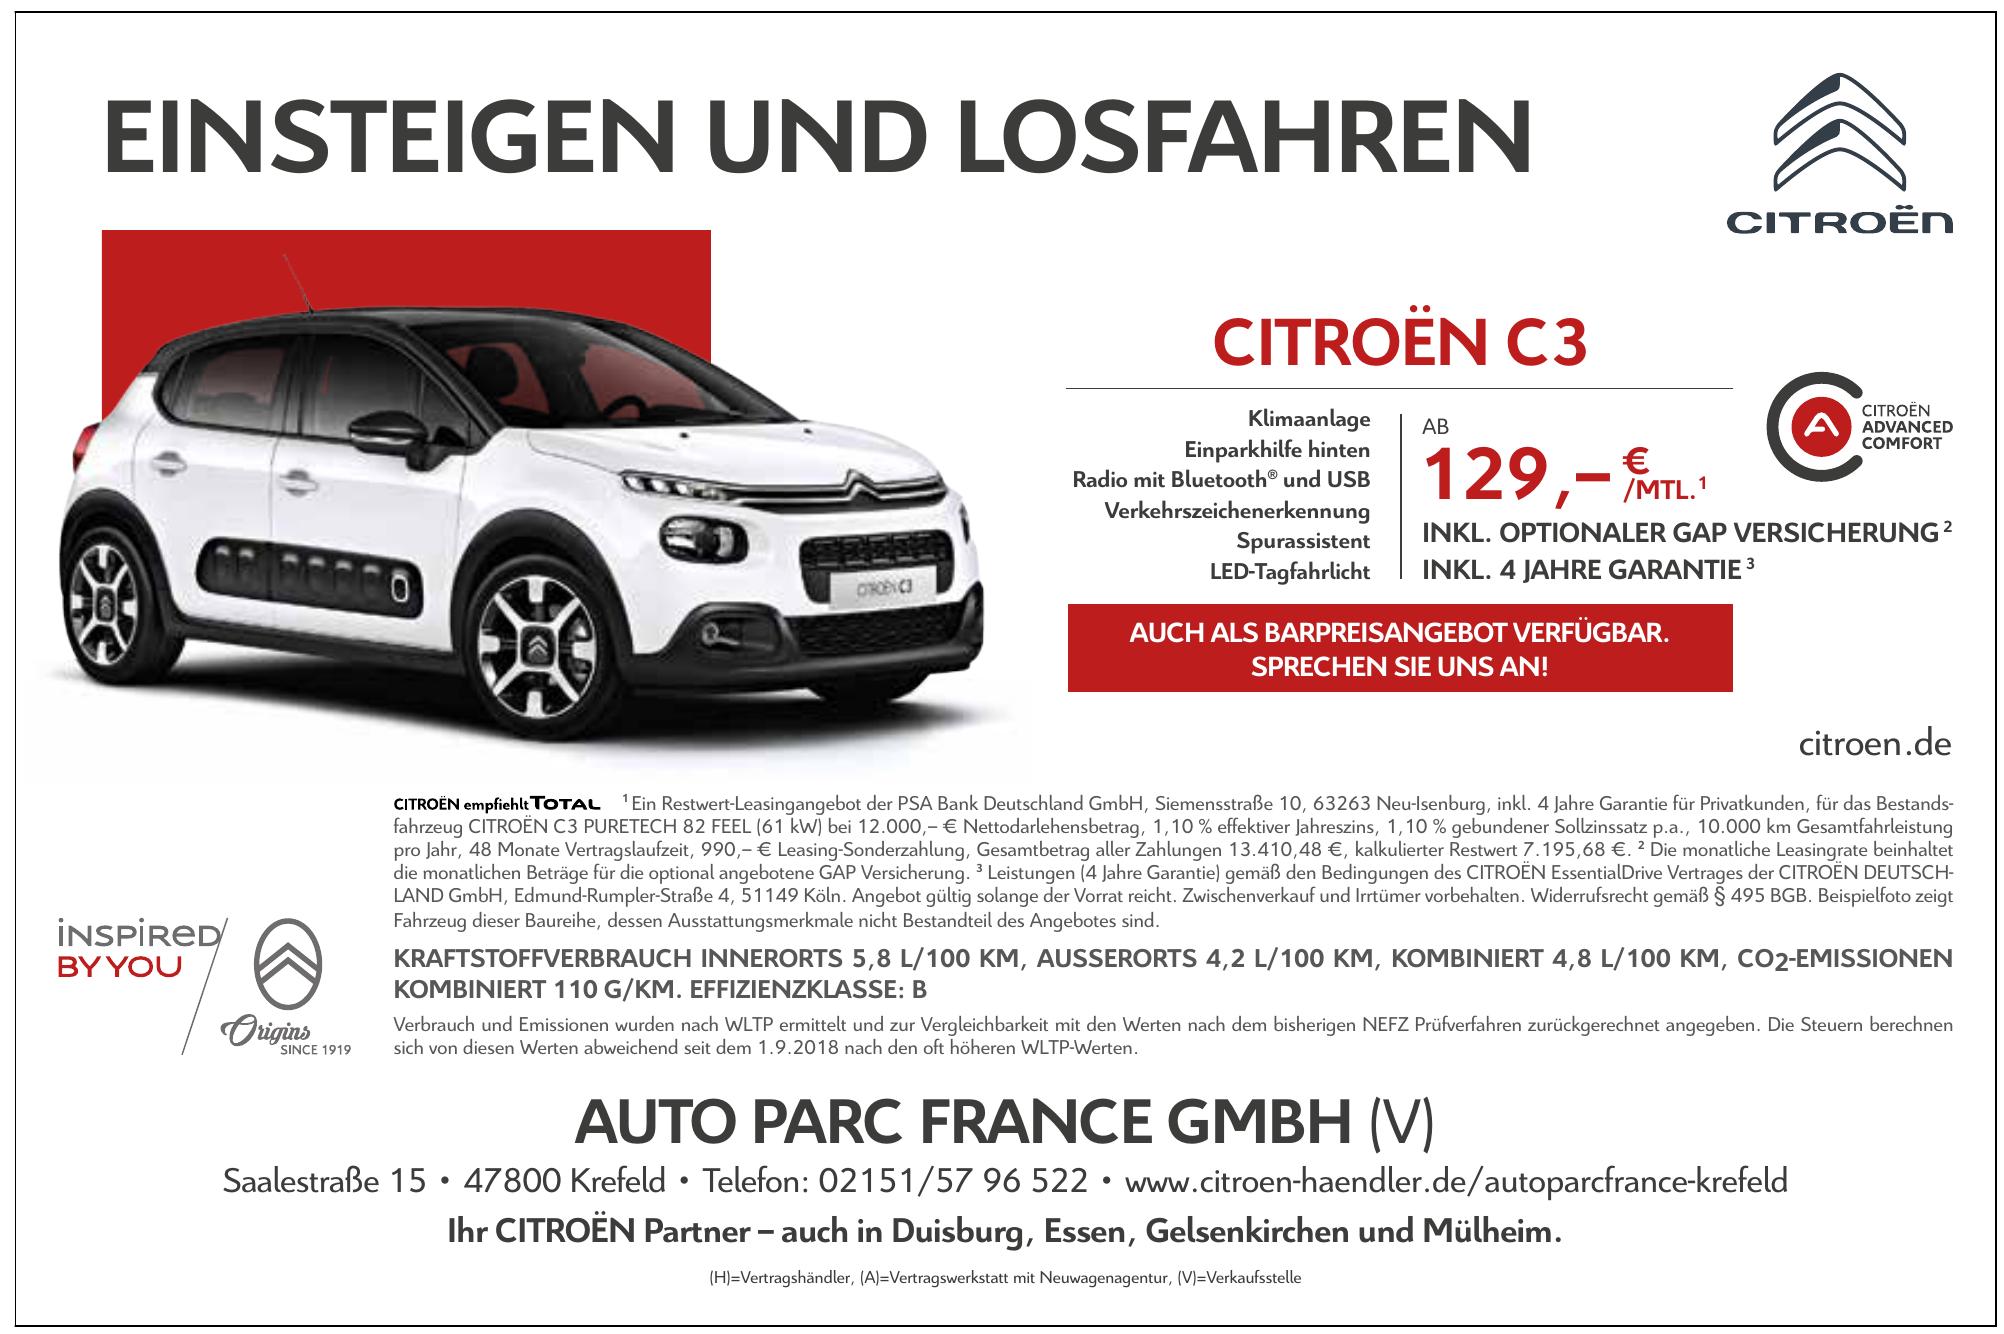 Auto Parc France GmbH